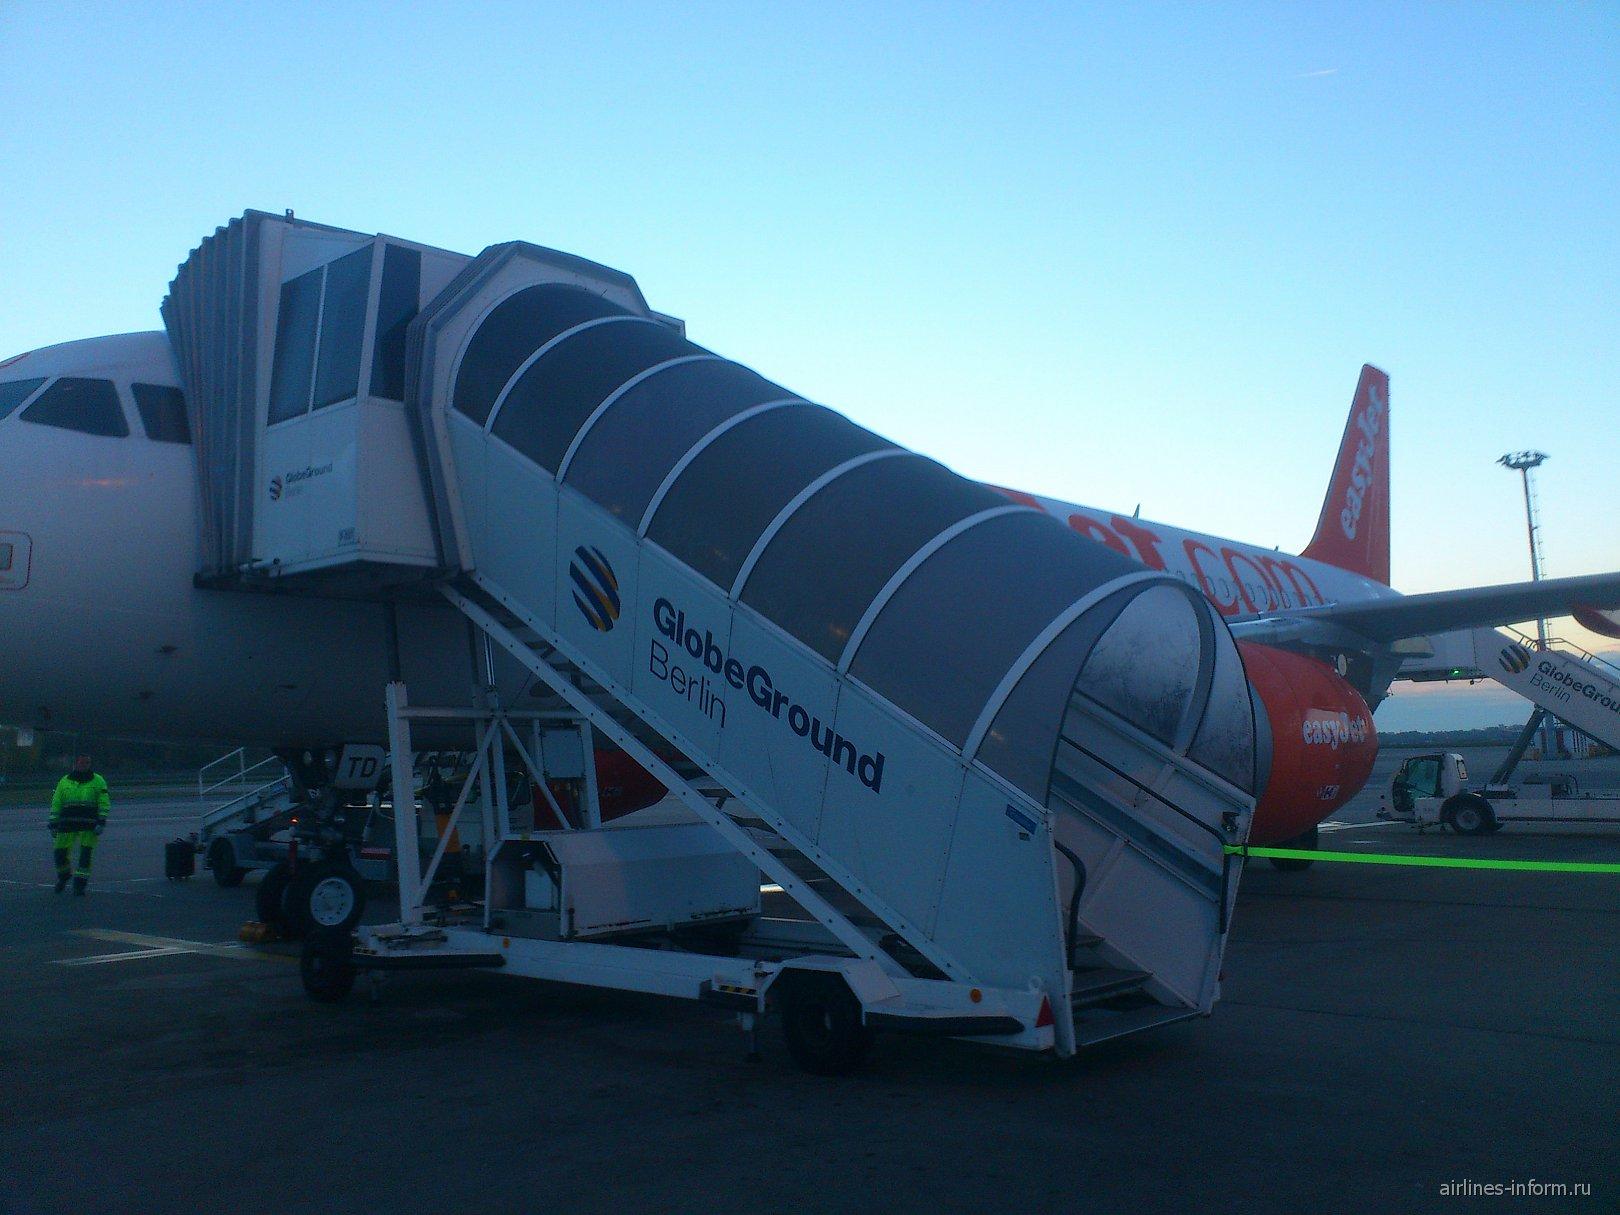 Посадка на рейс Берлин-Париж авиакомпании ИзиДжет